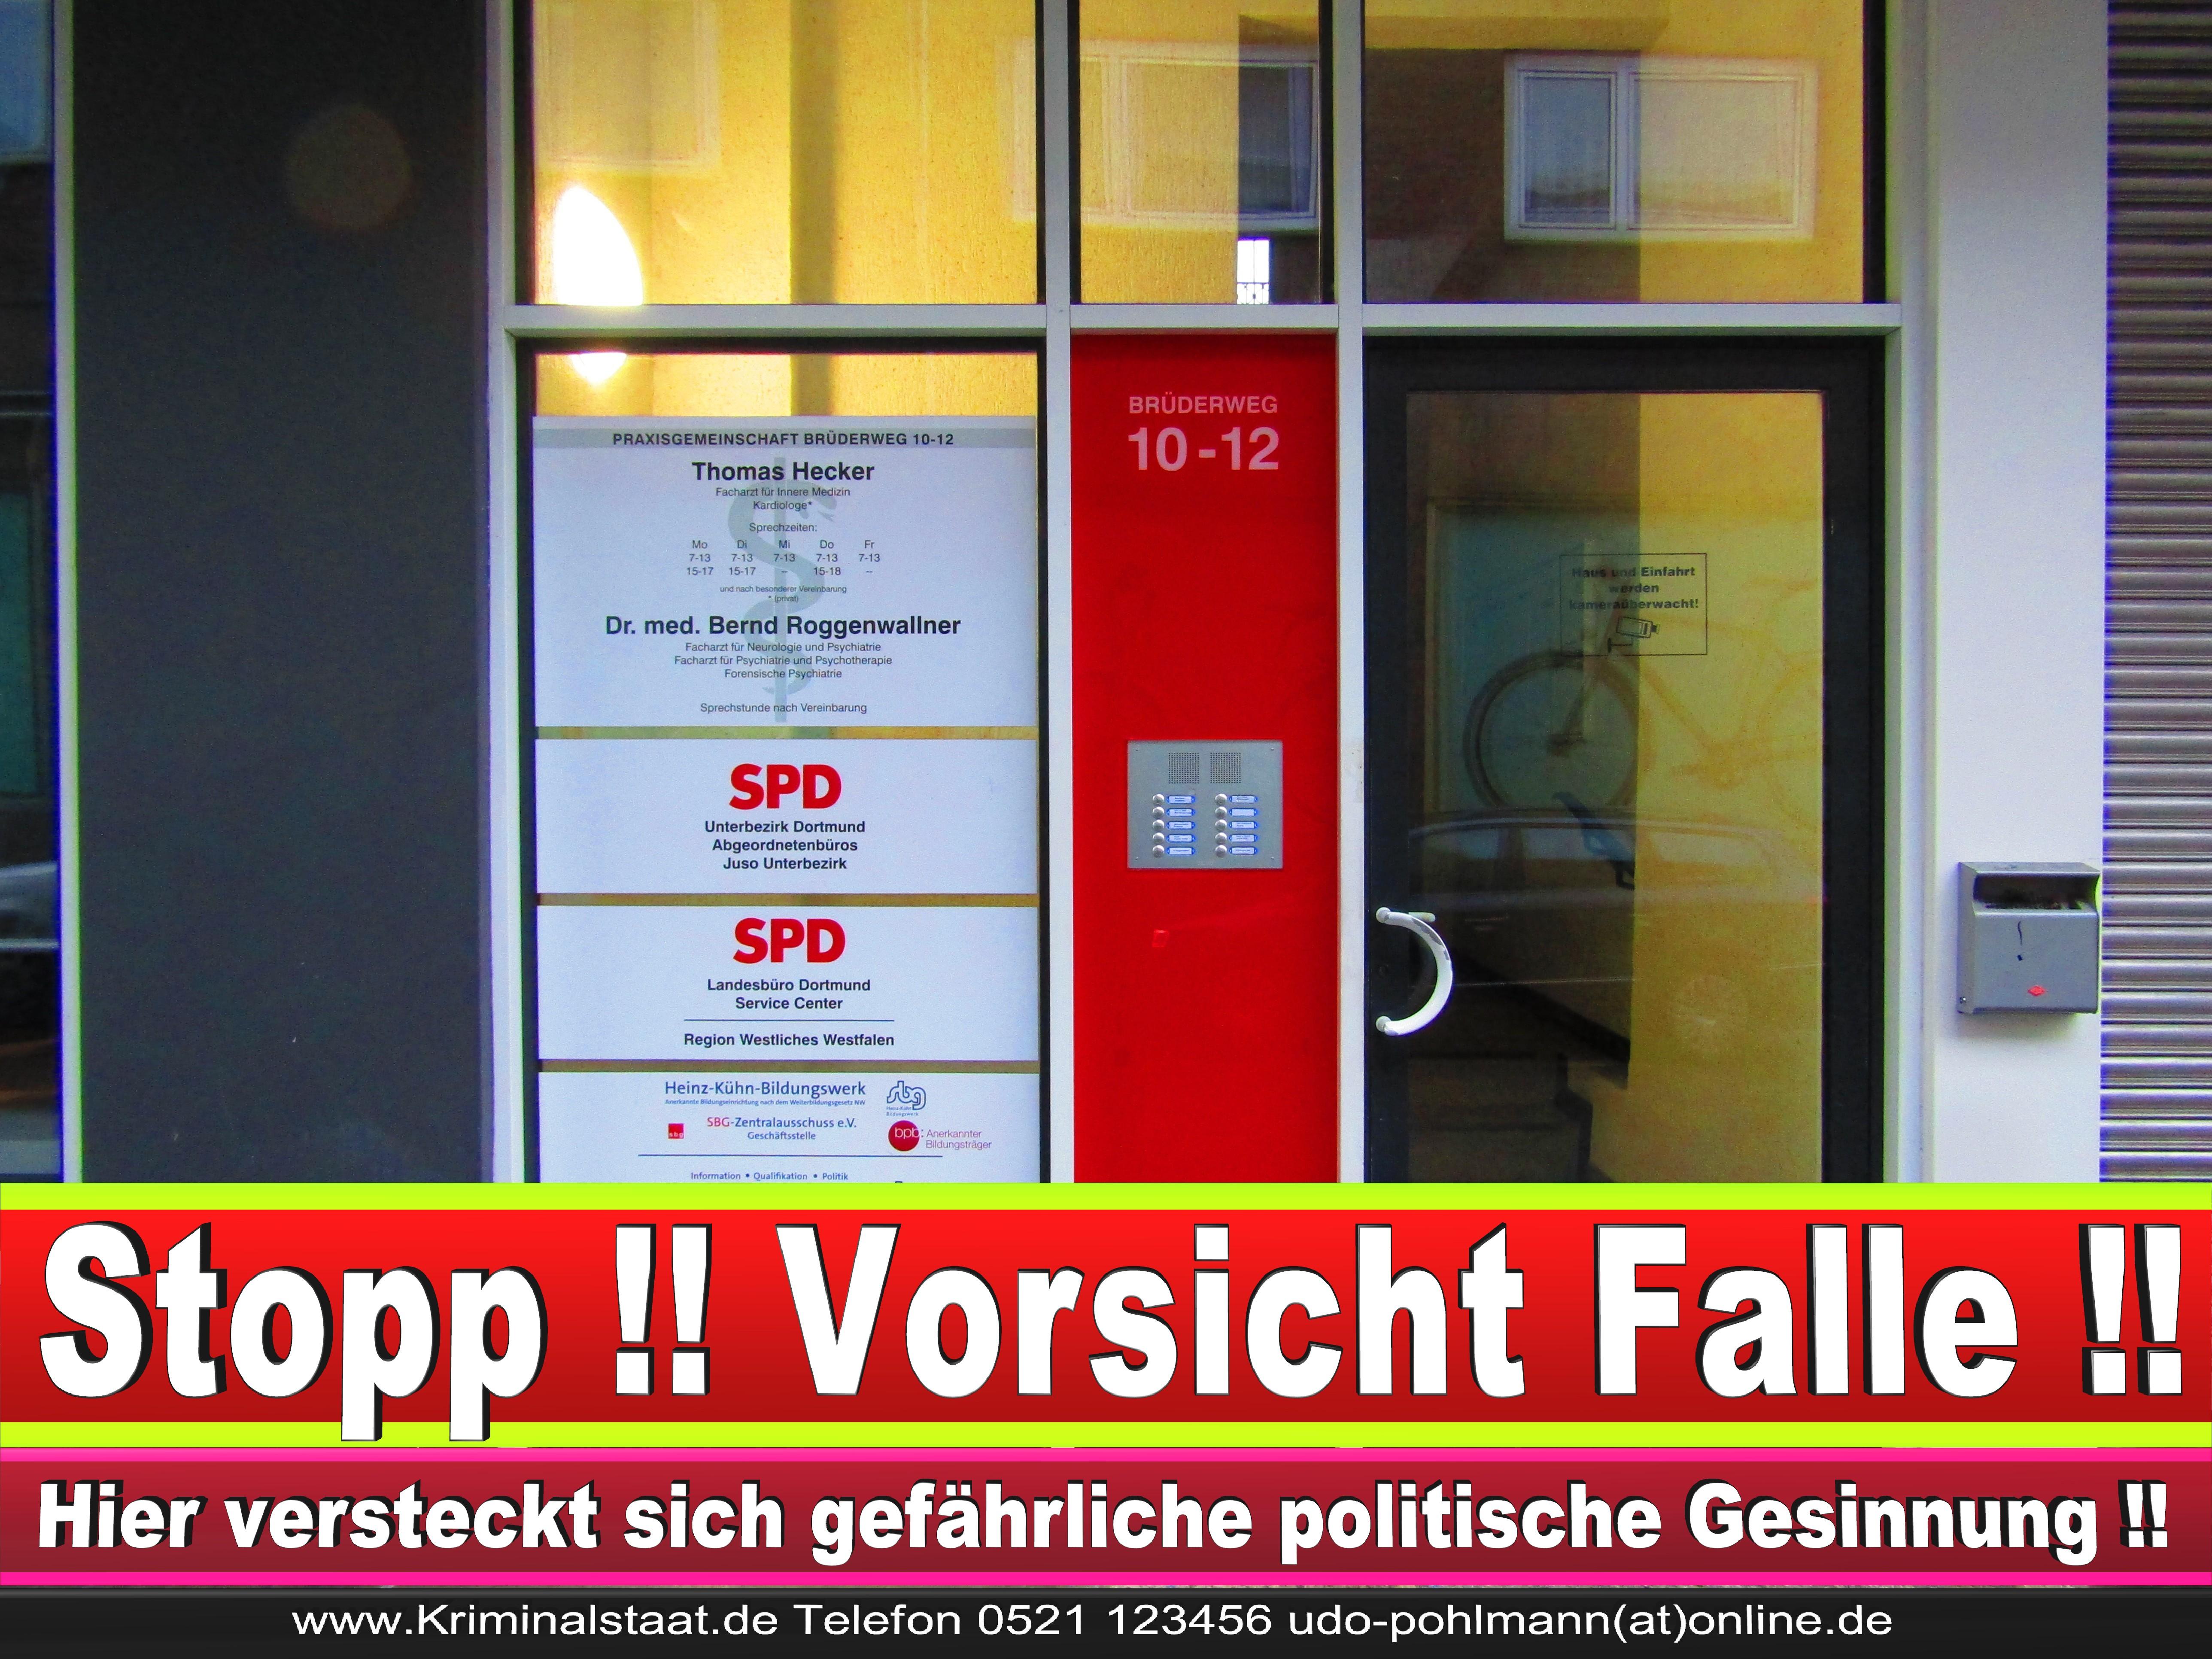 SPD DORTMUND UNTERBEZIRK BüRGERBüRO SPD ORTSVERBAND RAT STADT RATSMITGLIEDER SPD FRAKTION SPD NRW ADRESSE (21) 1